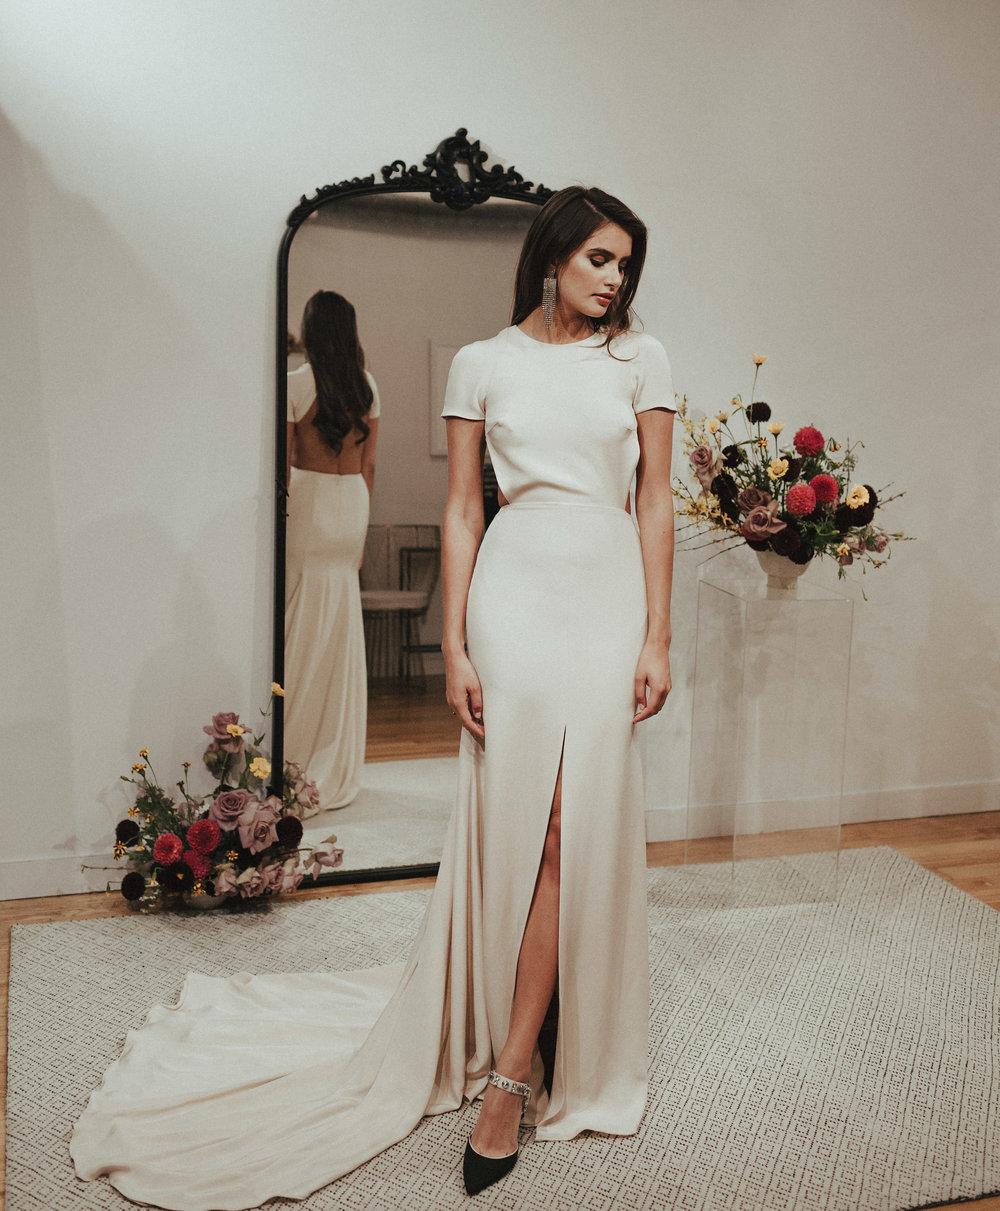 contraste entre le design simple au devant de la robe mariee dos nu et l'arrière à décolleté ouvert sensuel